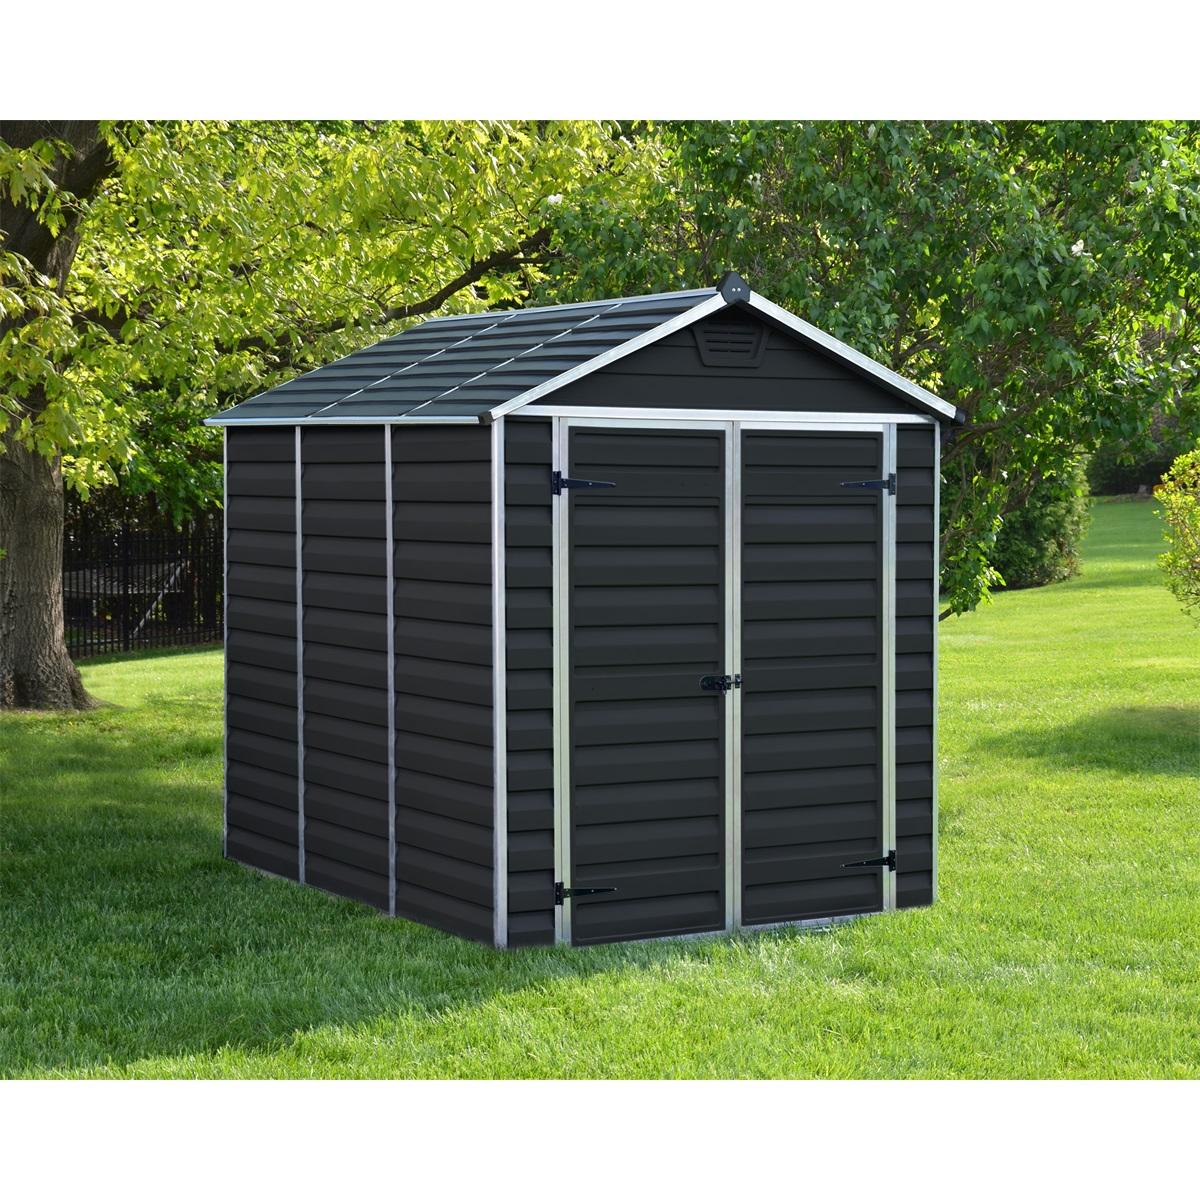 Palram Skylight 6x8 antracit zahradní domek